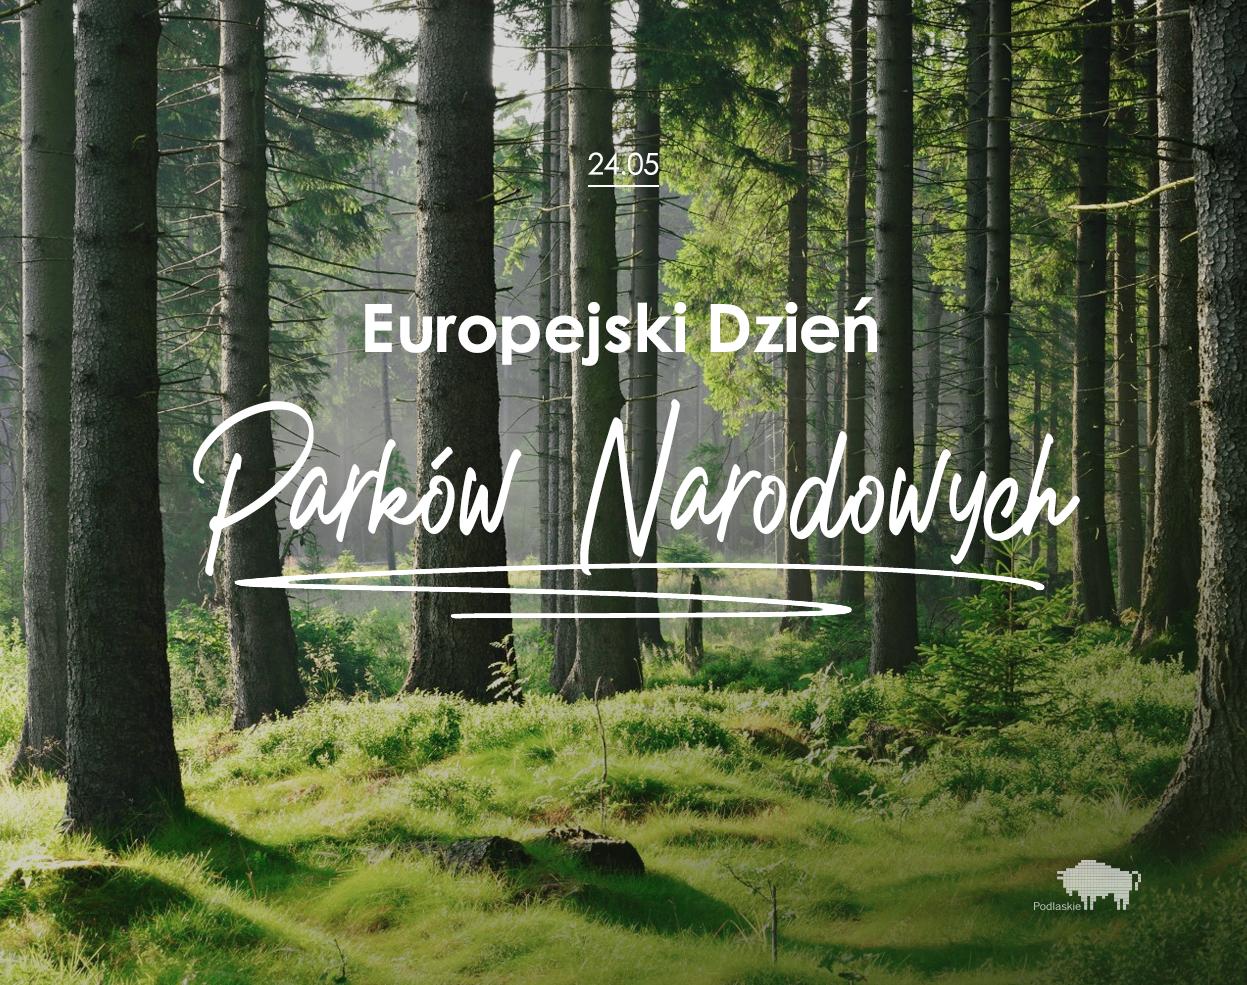 Europejski Dzień Parków Narodowych - 24 maja...